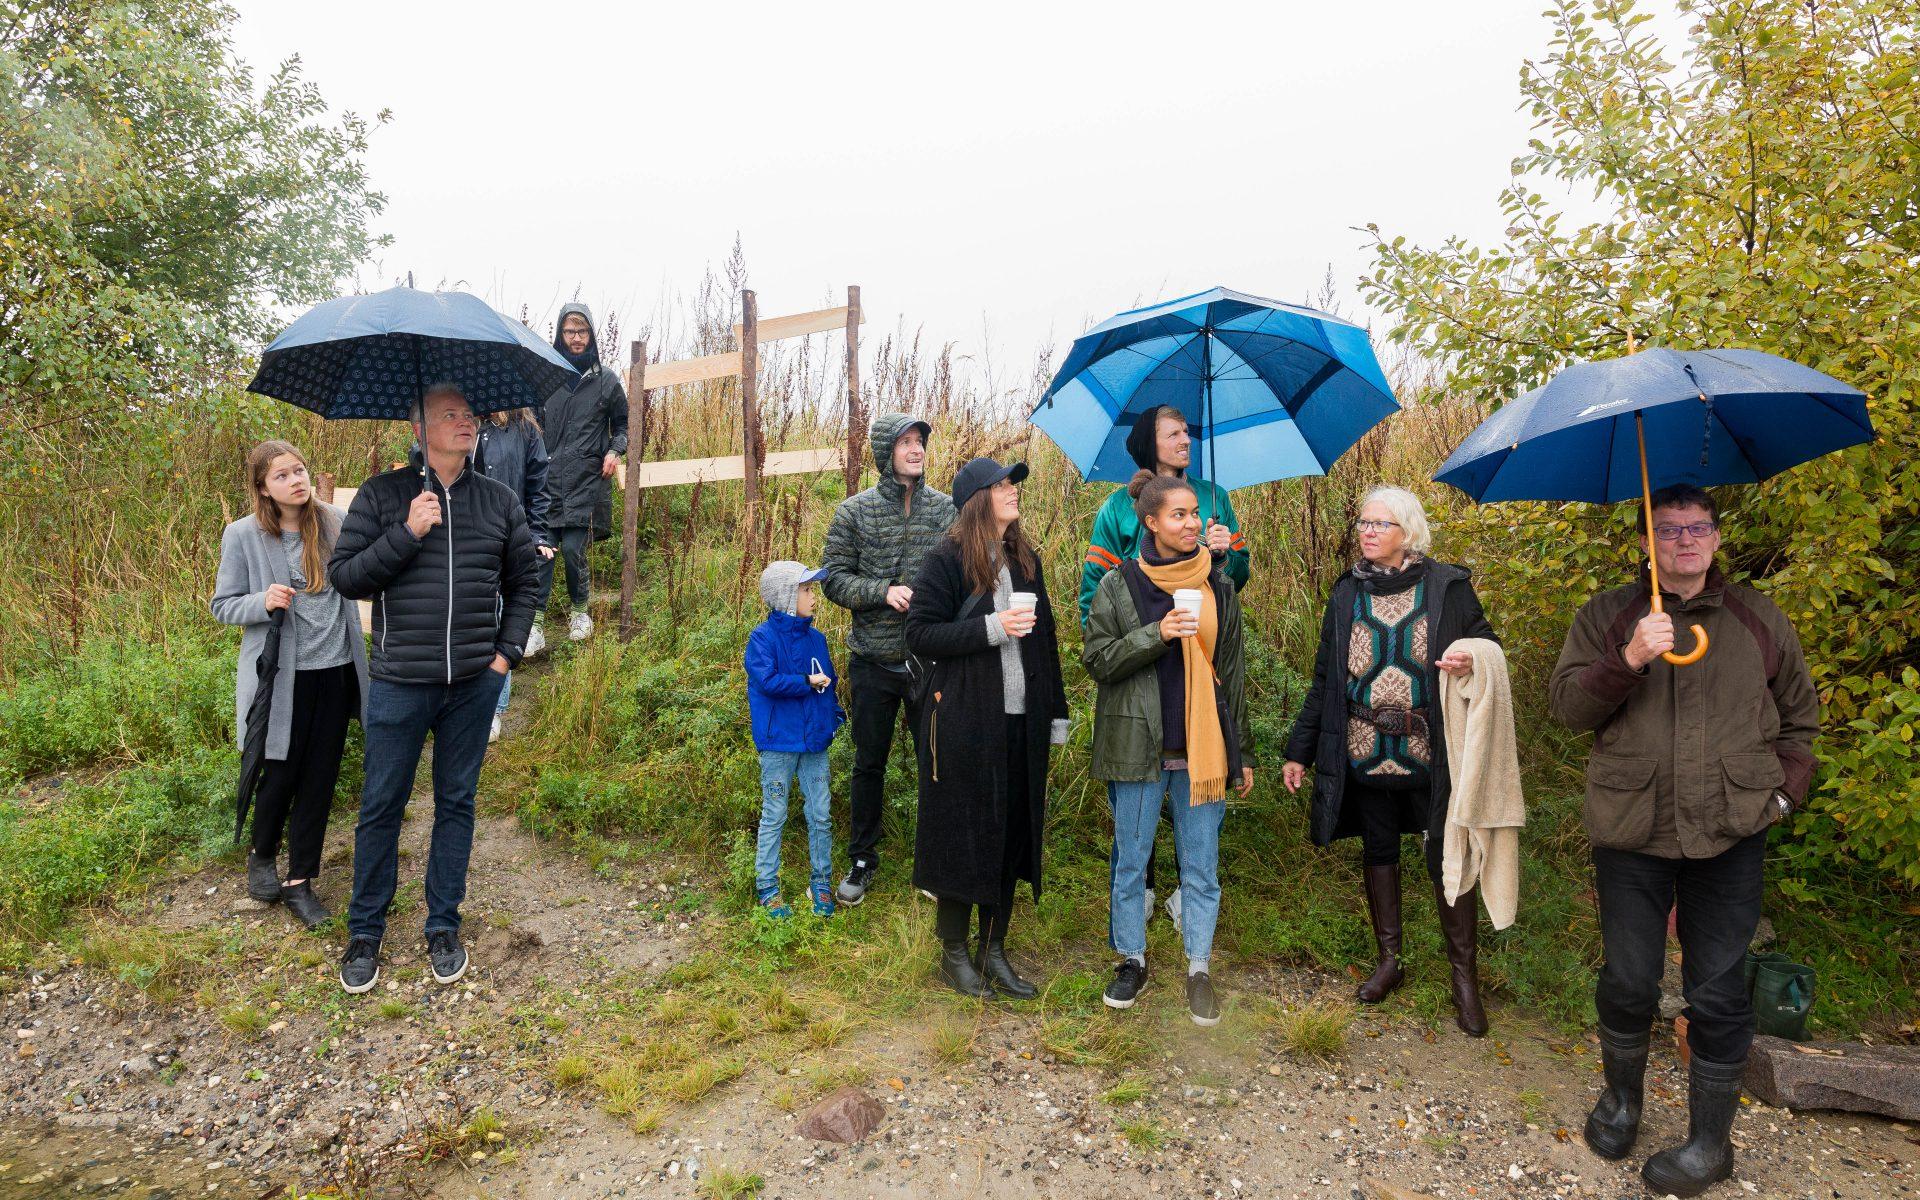 kulturhavn365_smutmesterskaber-i-nordhavn02